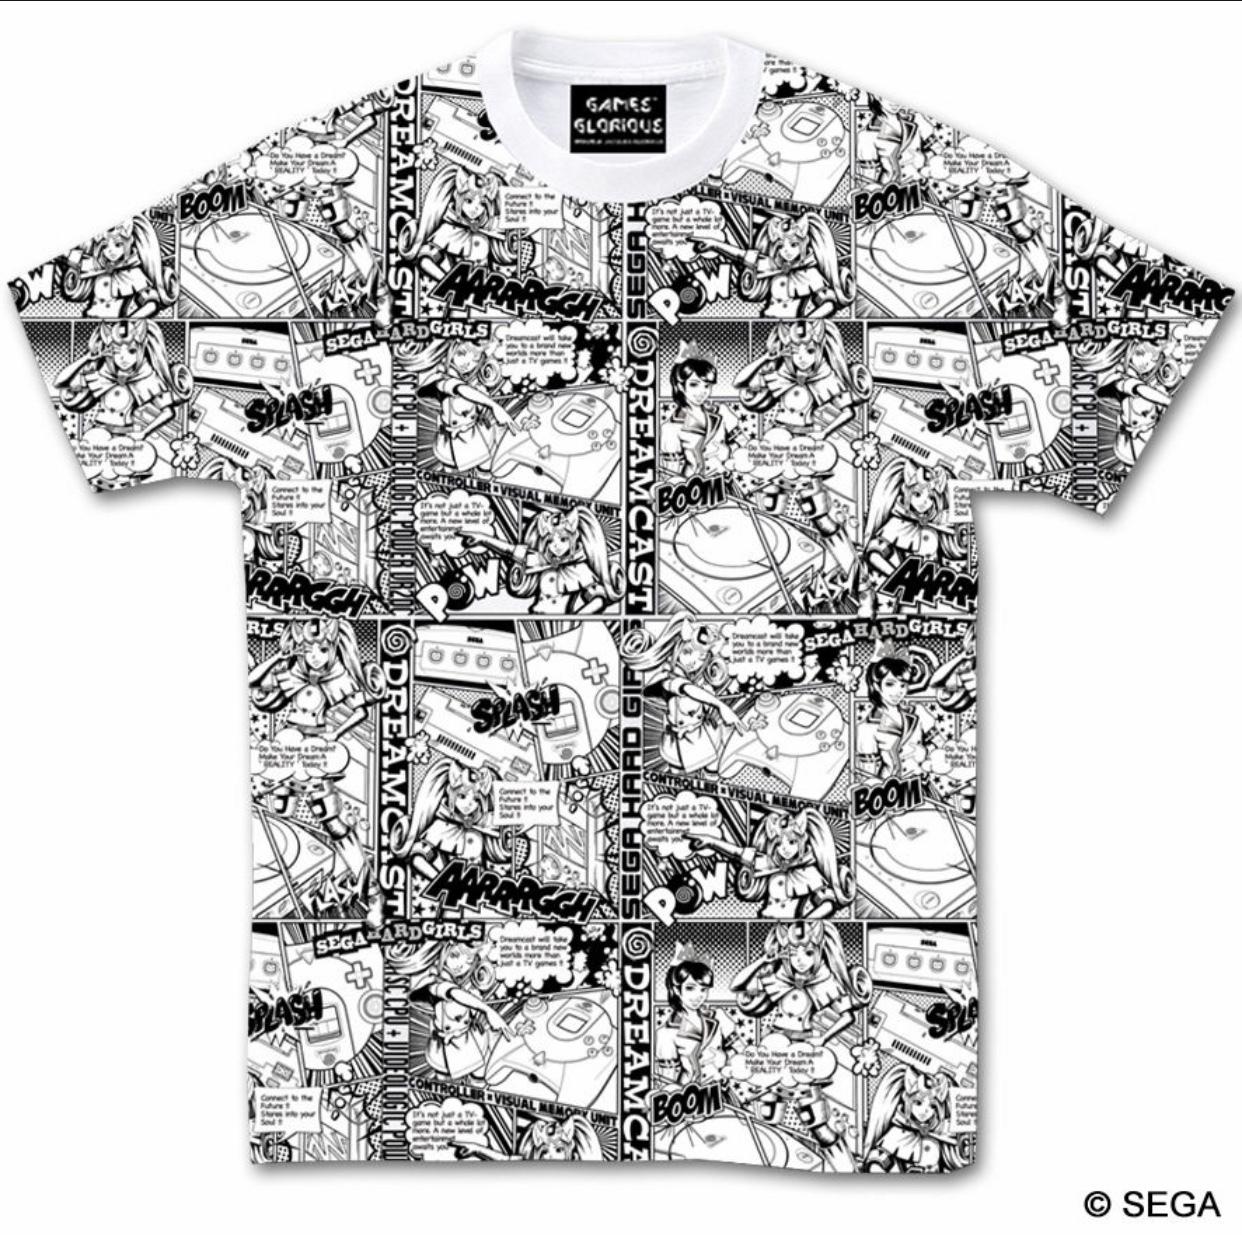 セガ・ハード・ガールズ x ドリームキャスト Comic`s Tシャツ -WHITE- / GAMES GLORIOUS